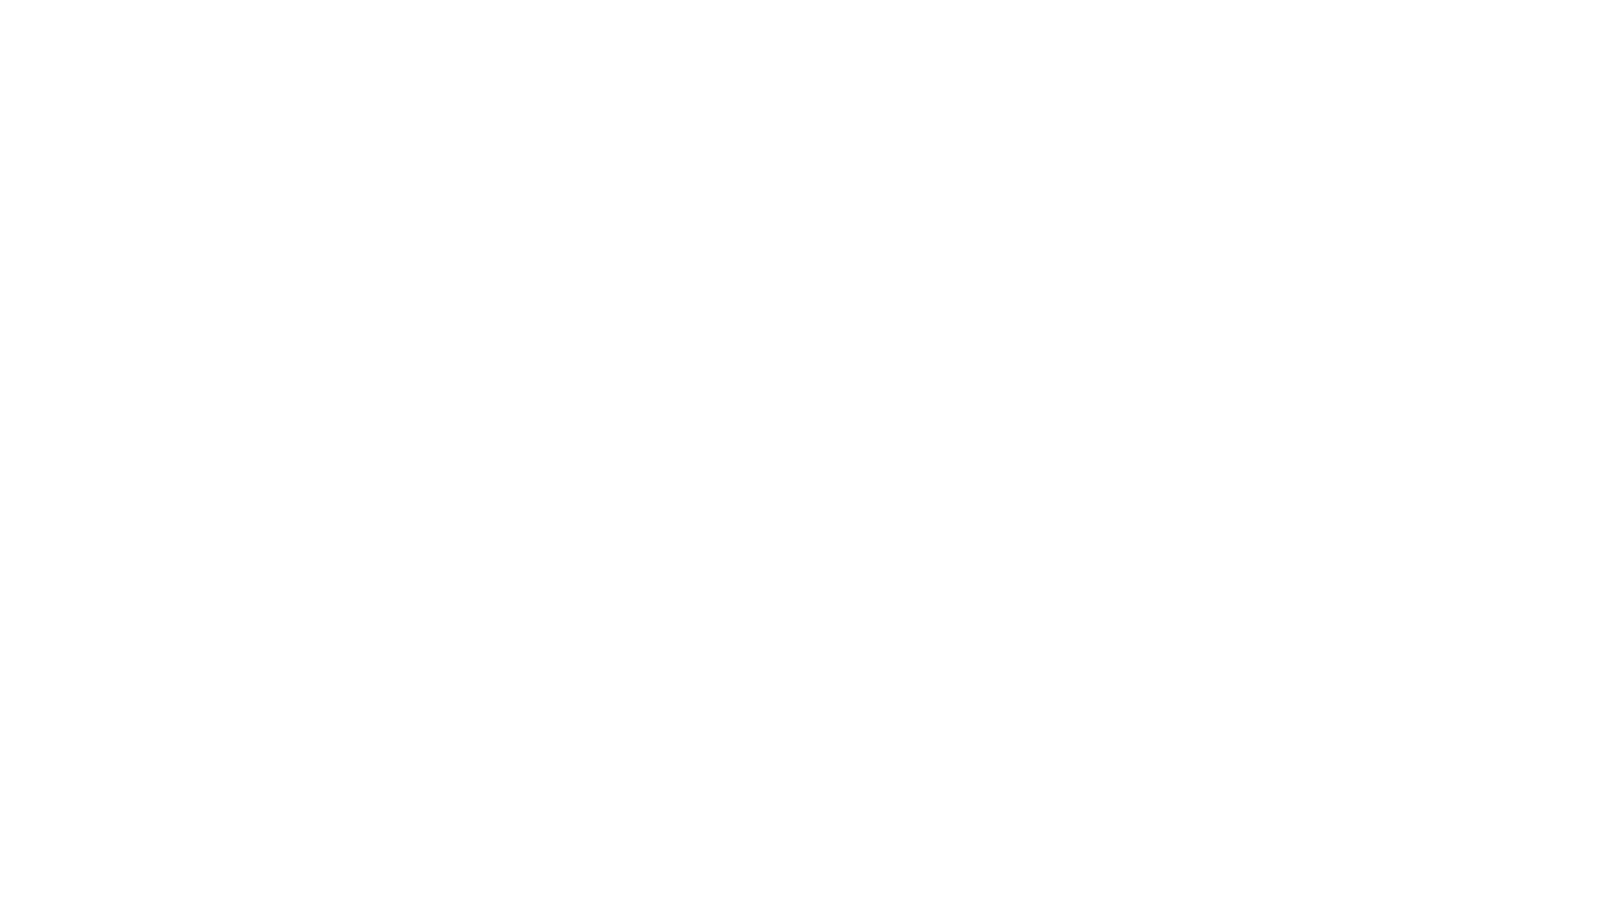 Anche in Sardegna attendiamo la fine della quarantena, ma abbiamo deciso di festeggiare la pasquetta come ogni anno, col Museo Vivente. Stavolta S'Abba Frisca entra nelle vostre case per farvi fare un tuffo nella natura e nella cultura sarda con le dimostrazioni di arti e mestieri: Produzione del formaggio, cottura del pane carsau e forgiatura del ferro. Il museo vivente è una manifestazione ricorrente al Parco Museo di Dorgali, soprattutto nel periodo primaverile ed estivo. Speriamo di potervi ospitare presto!https://www.sabbafrisca.com/